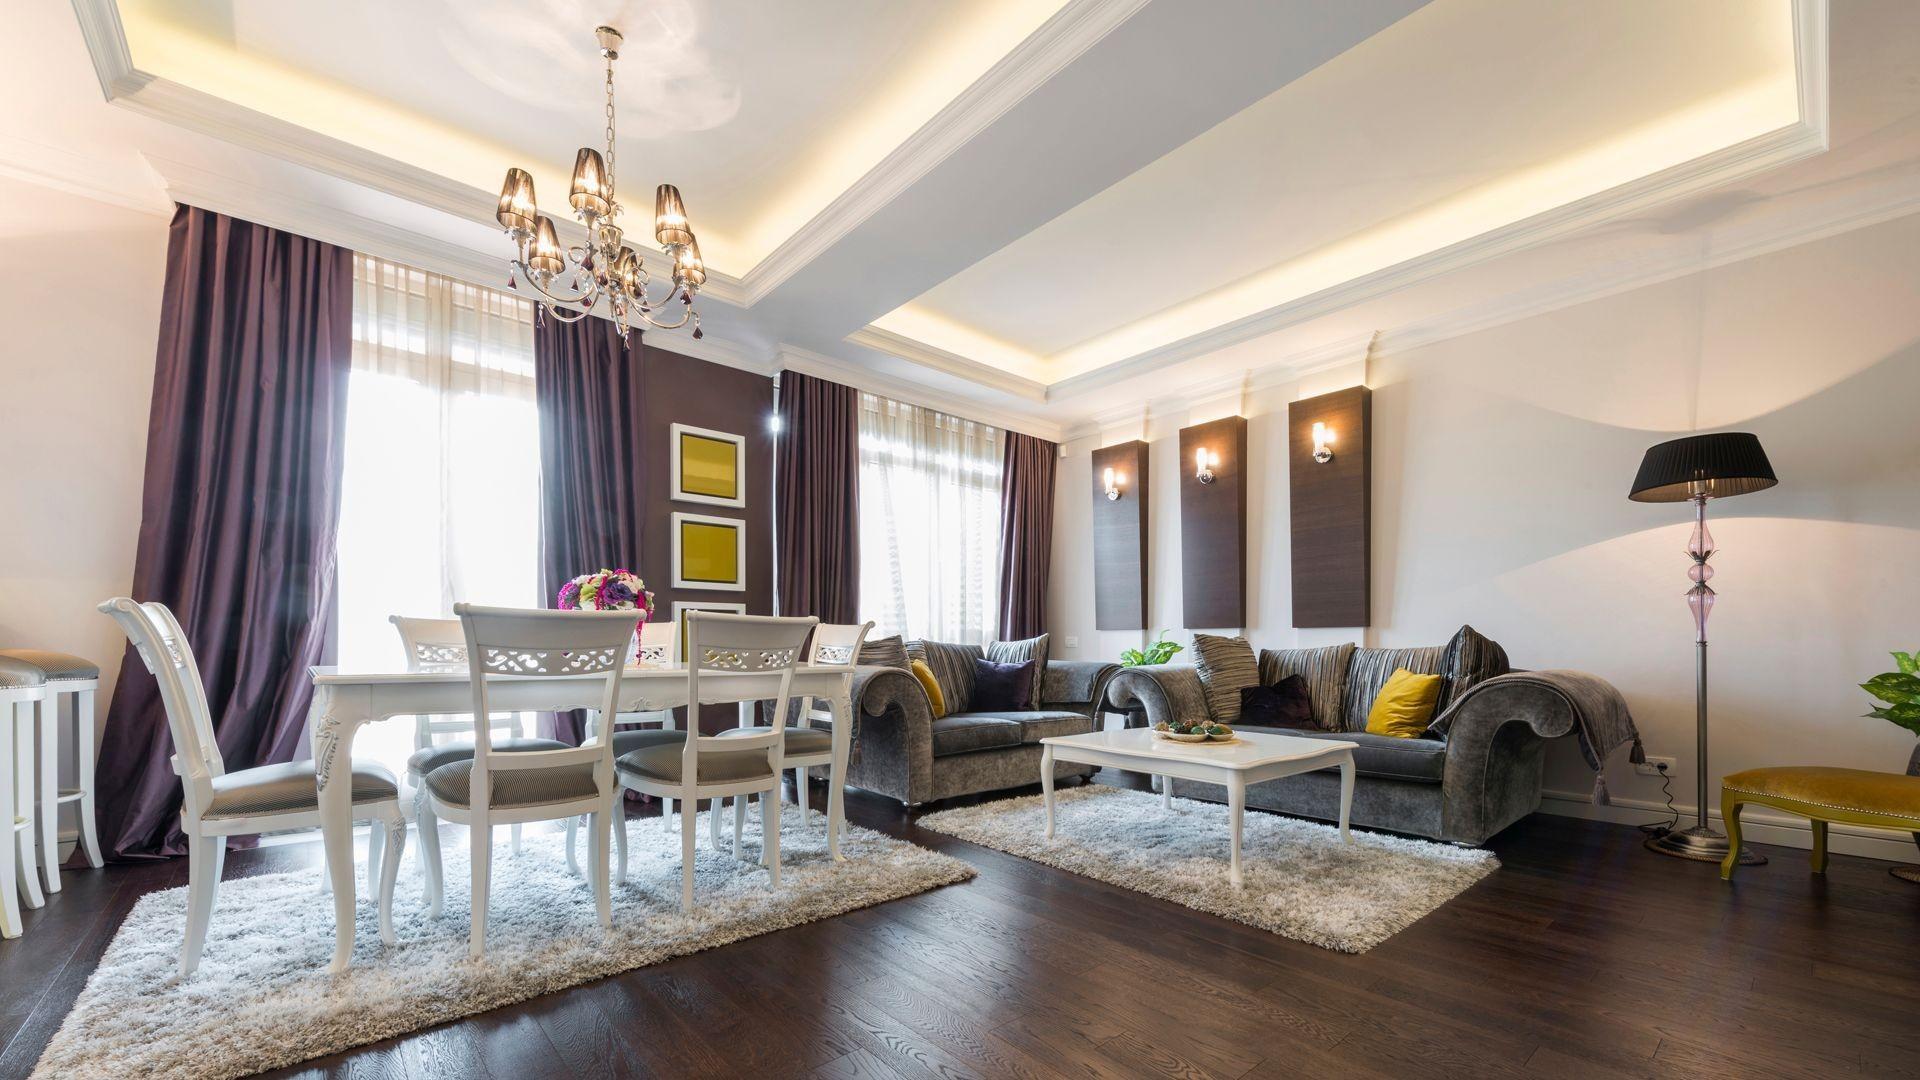 000 decoración muebles salon  reformas casa diseño (1)